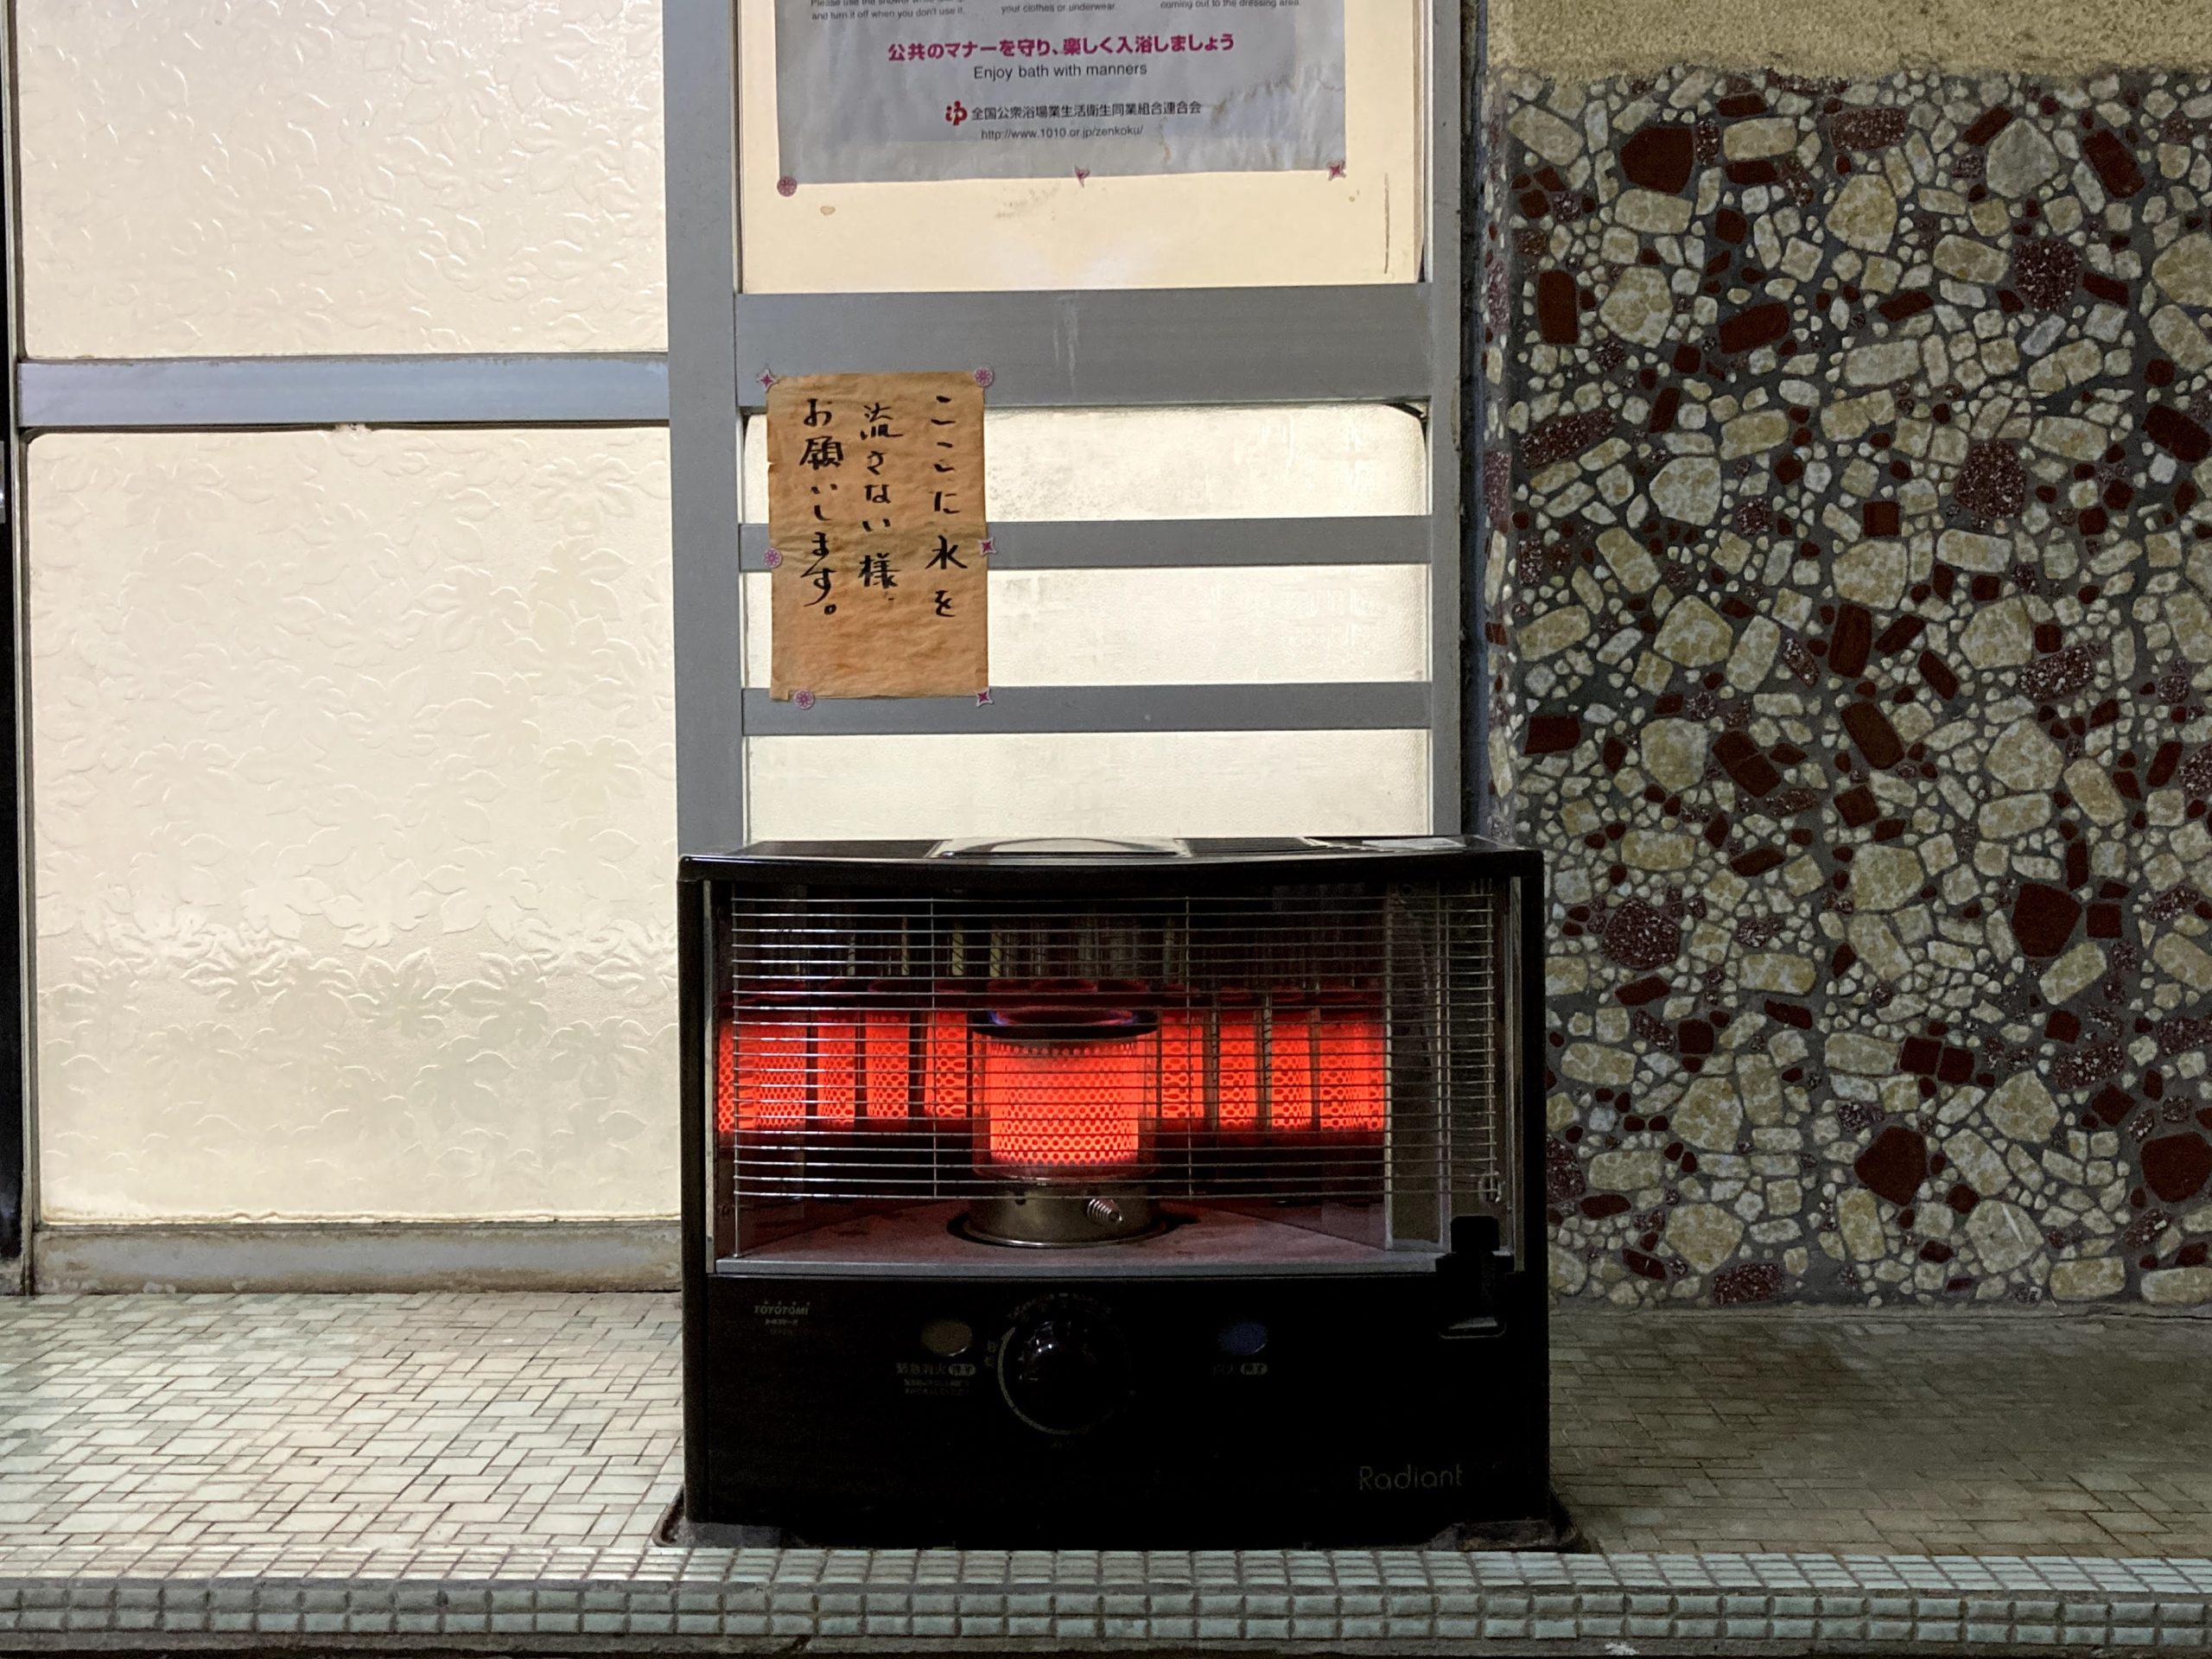 2021年元旦三重県松阪市花岡温泉脱衣場の赤外線ストーブ